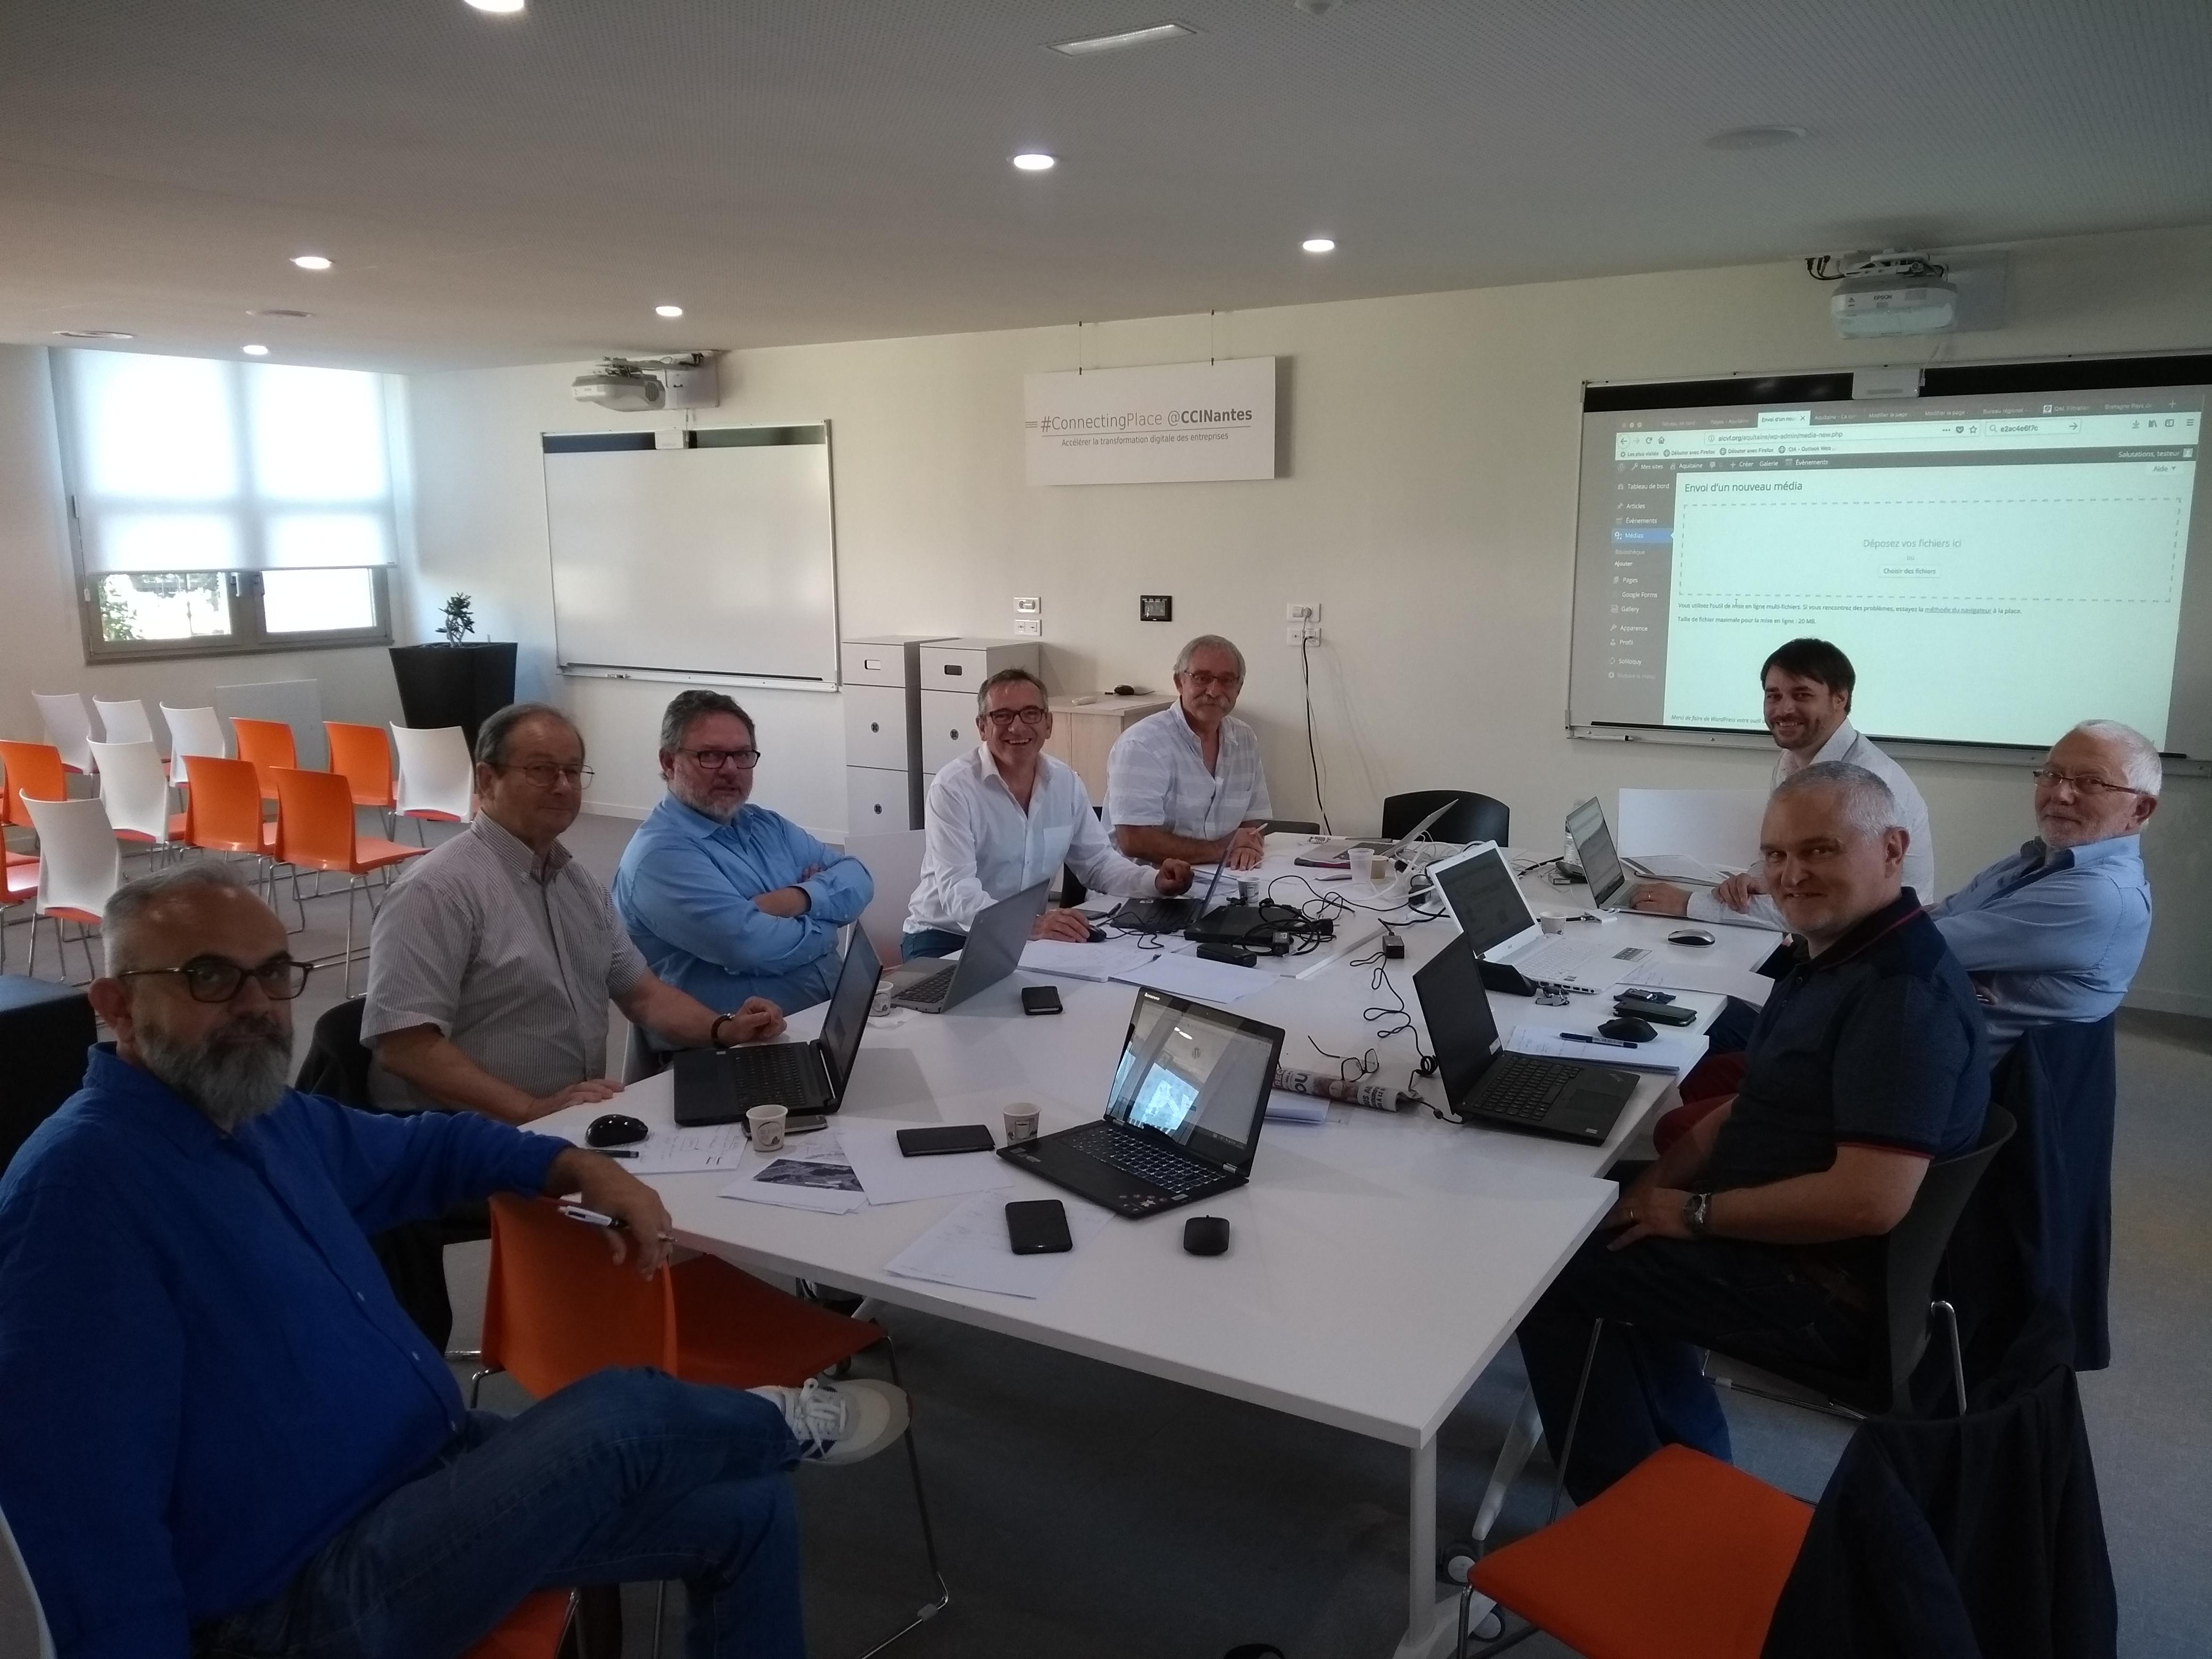 Les WebMasters régionaux en formation à Nantes le 20 juin 2018